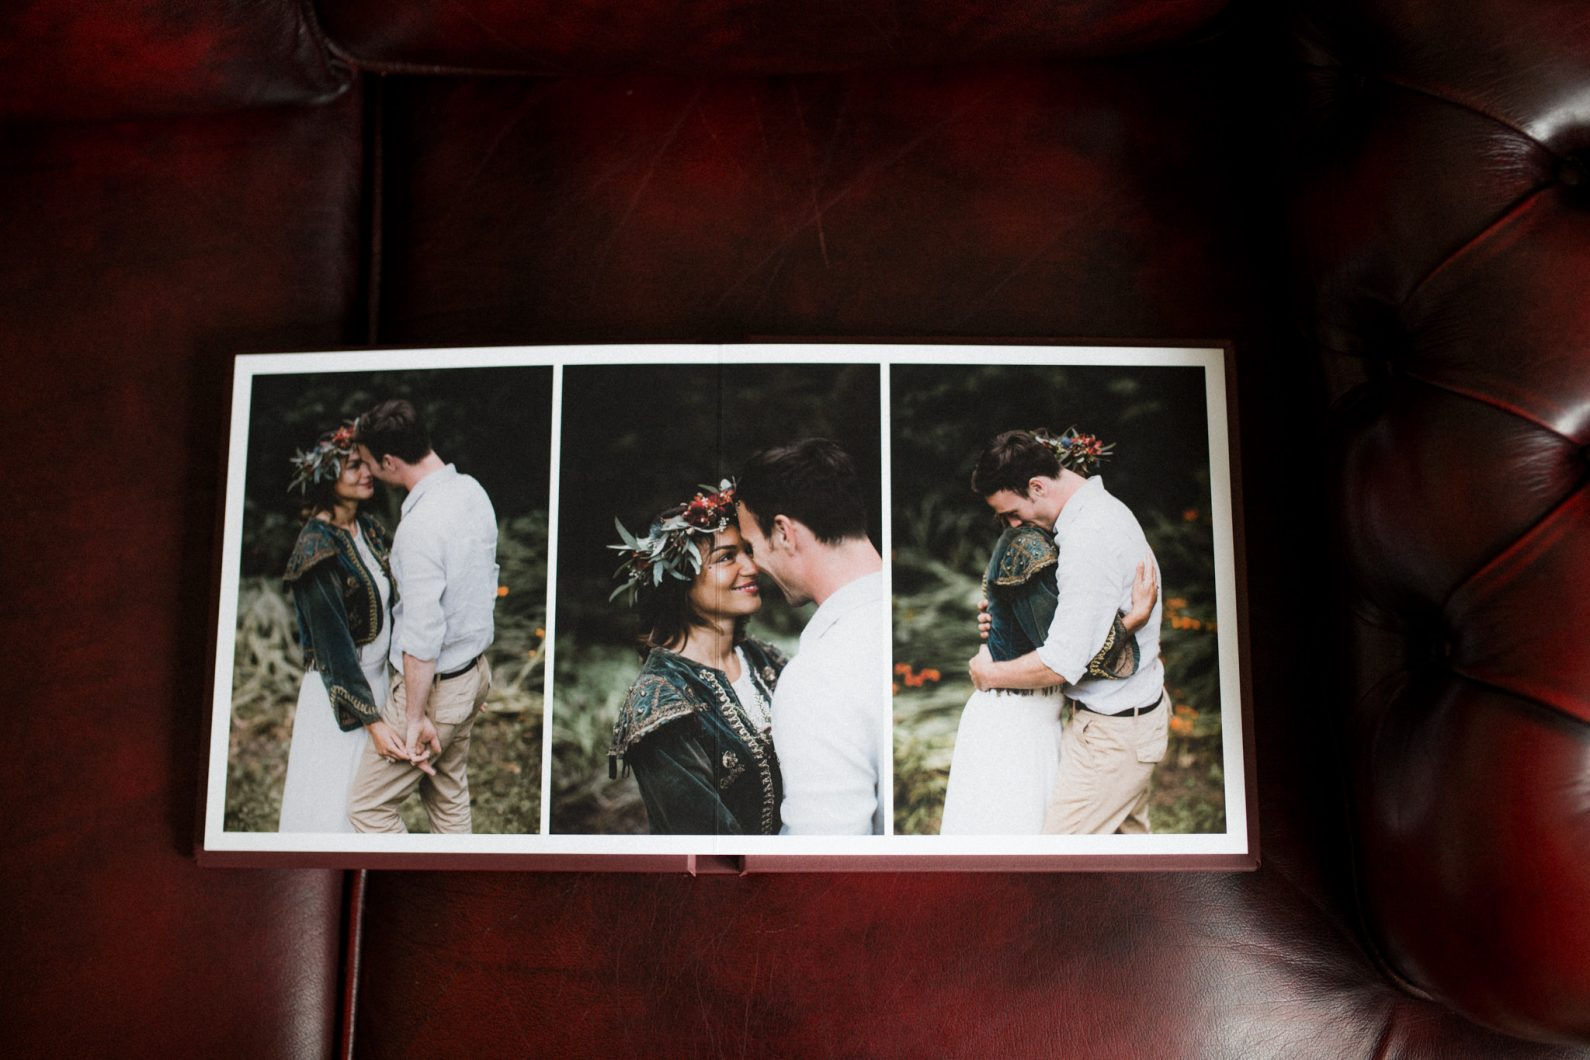 river-and-fern-wedding-album-5